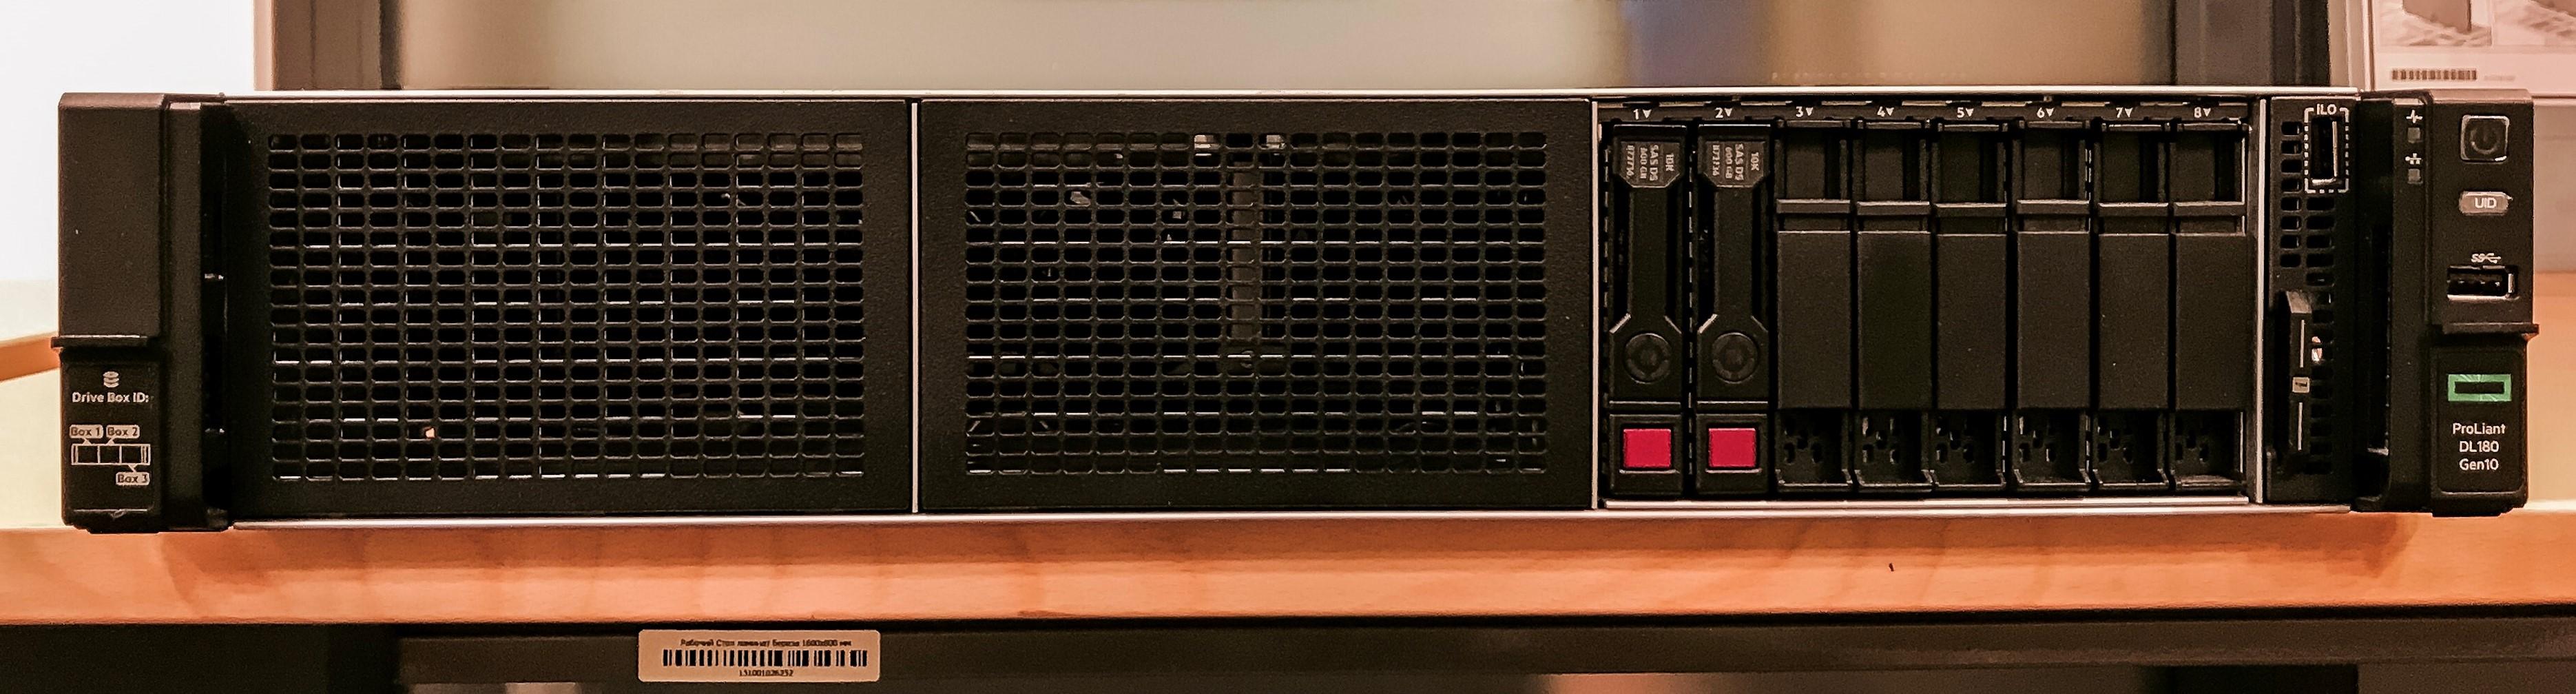 Передняя панель HPE ProLiant DL180 Gen10